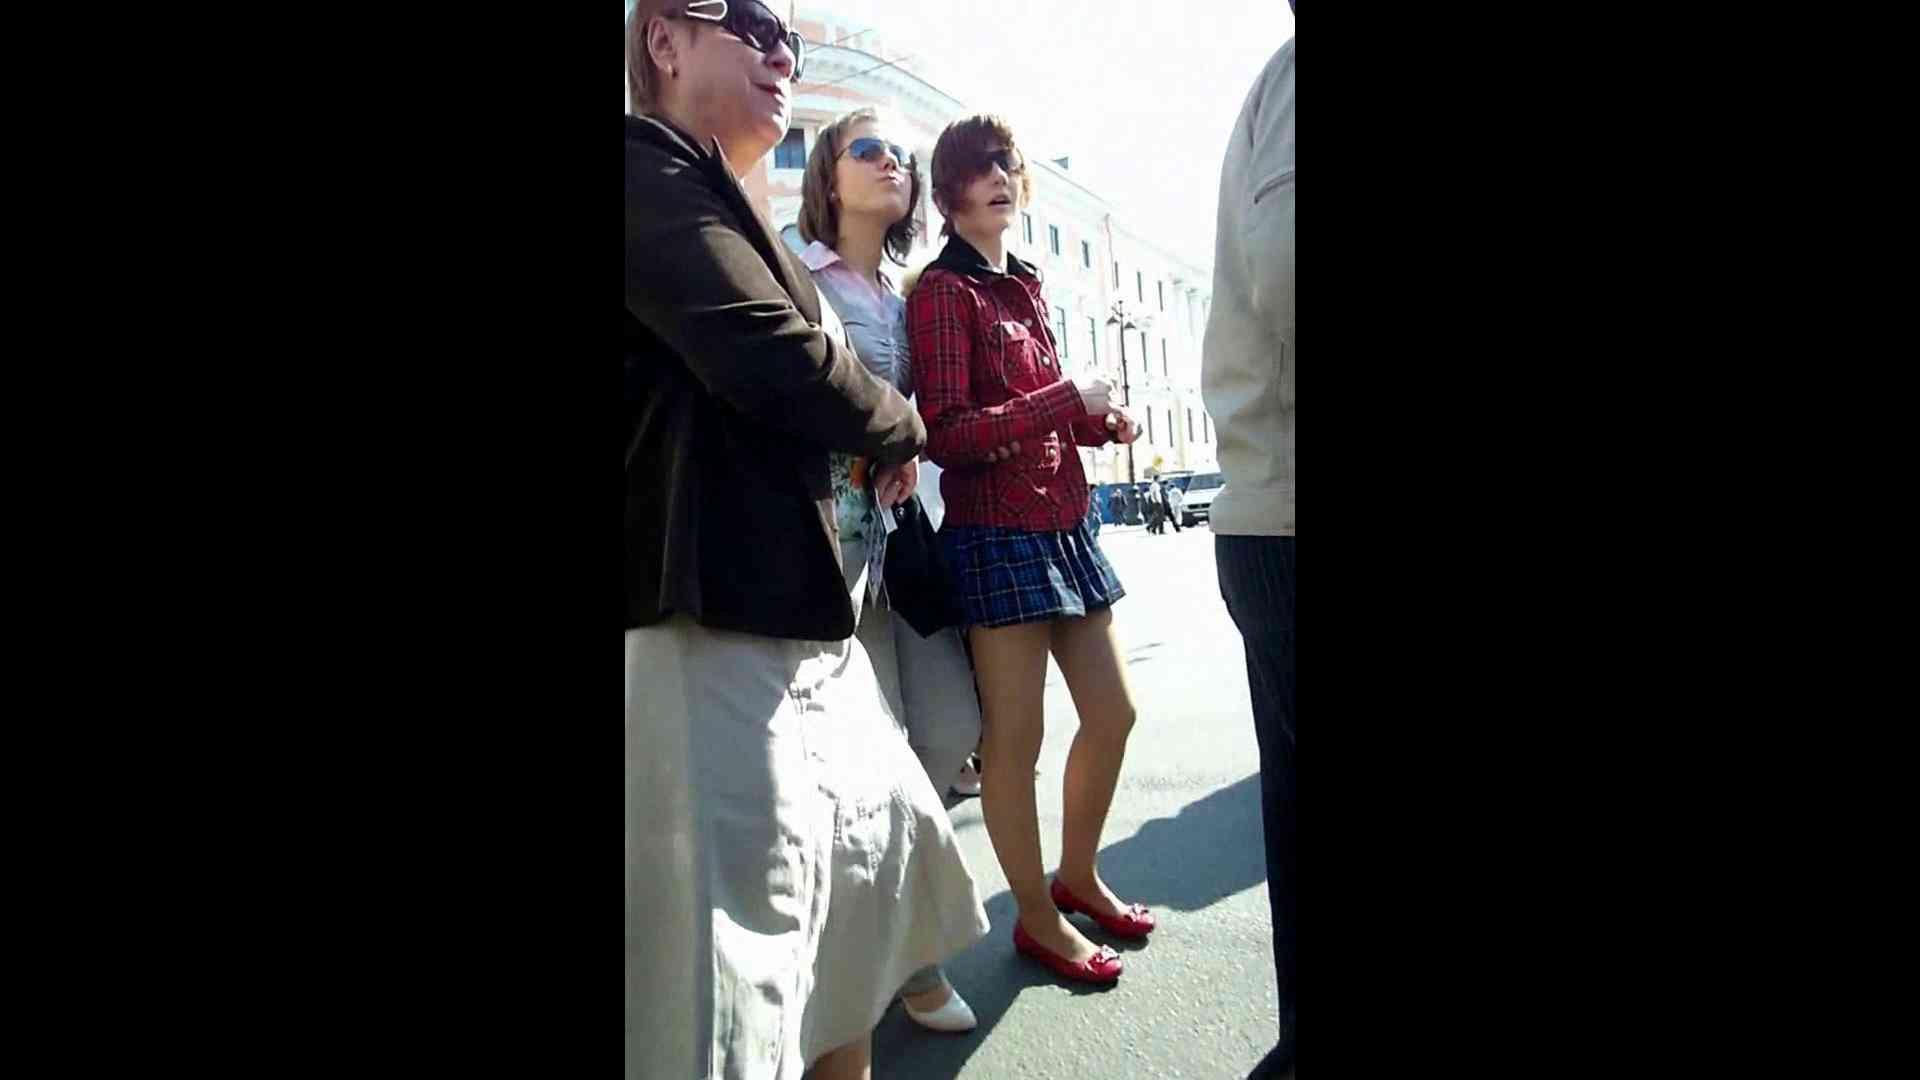 綺麗なモデルさんのスカート捲っちゃおう‼vol02 お姉さん エロ画像 82連発 29